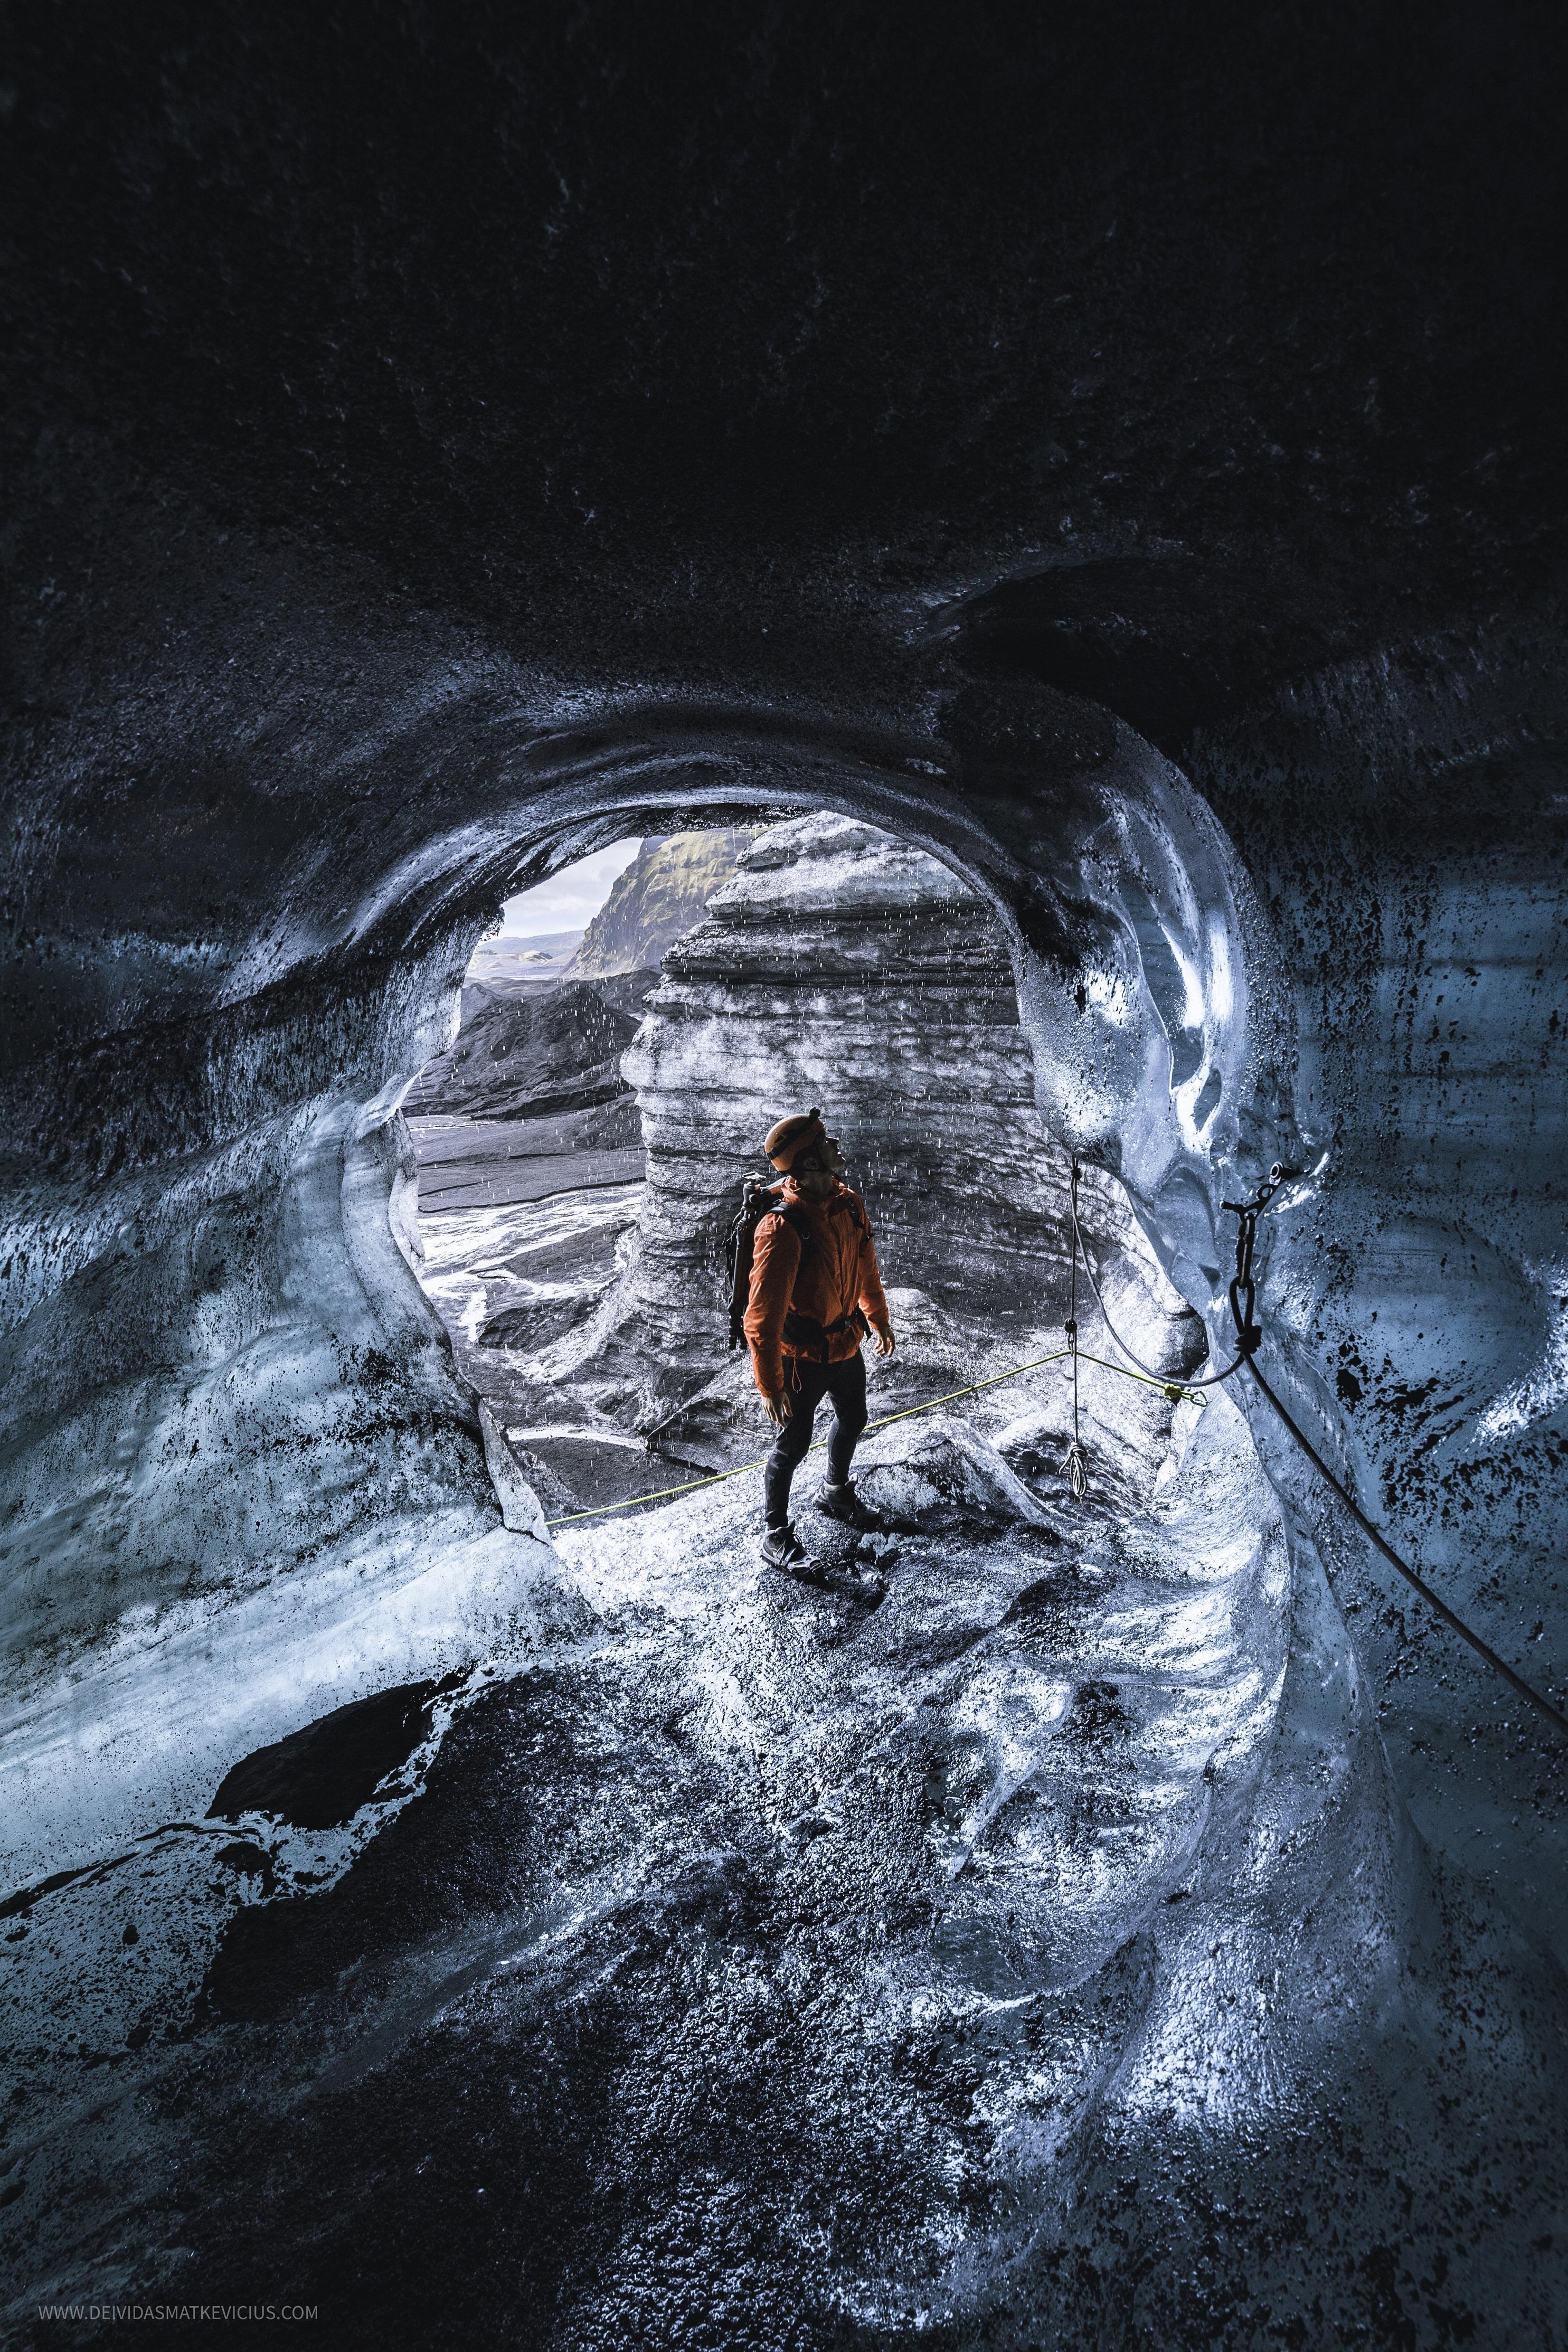 Die Eishöhle Katla befindet sich im Mýrdalsjökull-Gletscher, Islands viertgrößter Eiskappe.